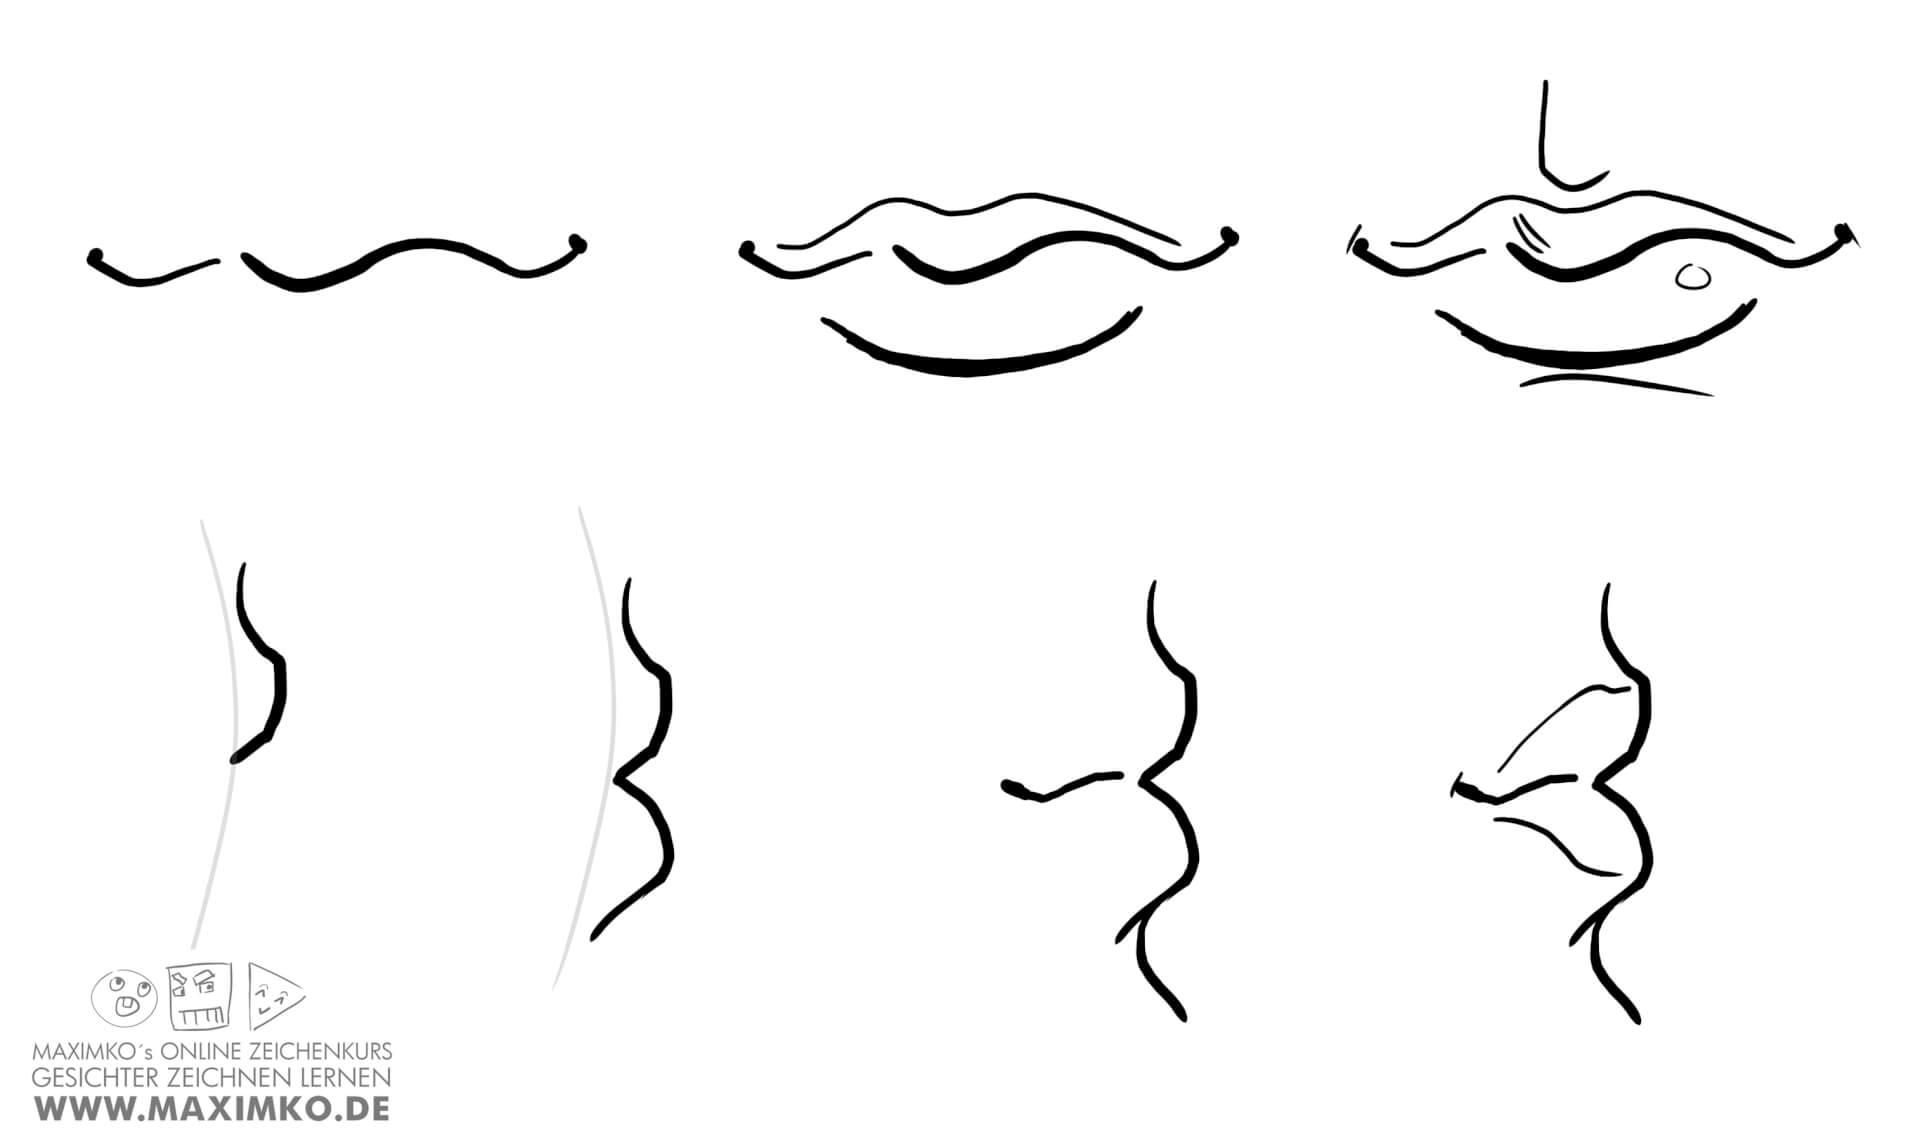 mund und lippen zeichnen lernen tutorial schritt fuer schritt anleitung von vorne von seite maximko